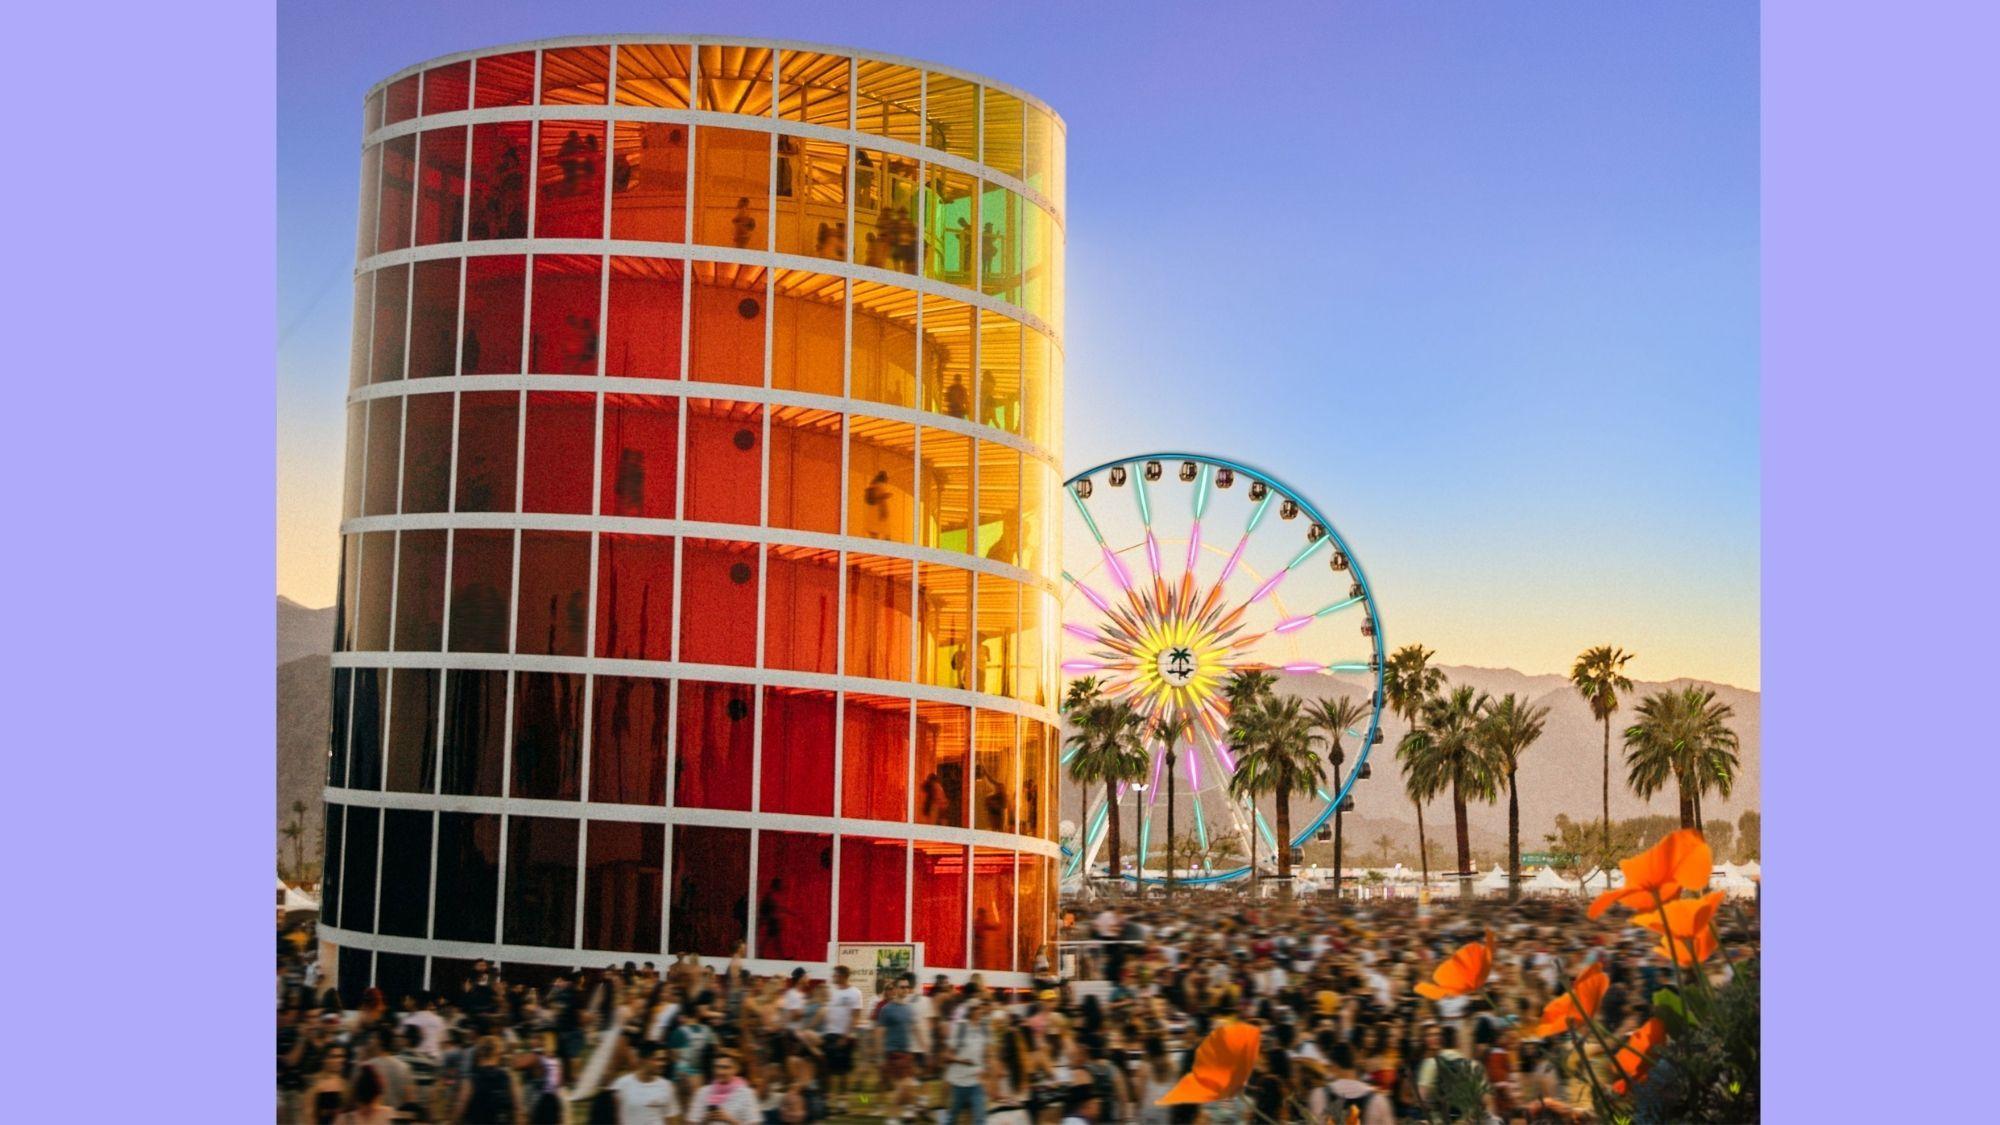 Coachella set to return in 2022